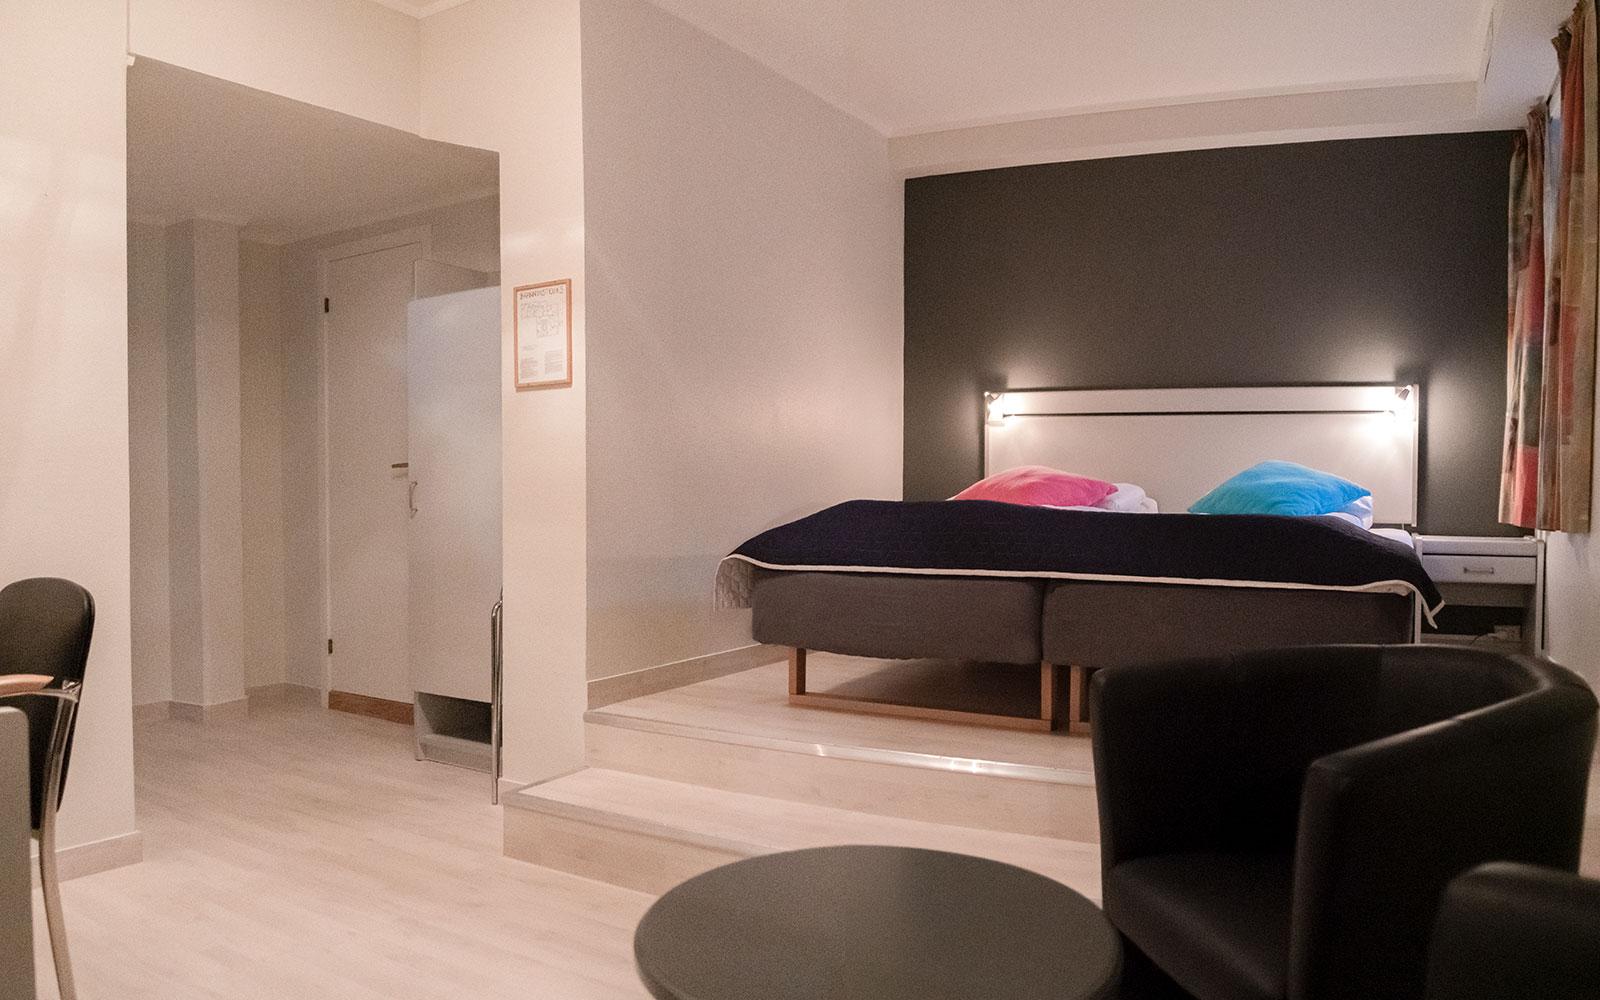 Melbu Hotell trippelrom - senger og rom